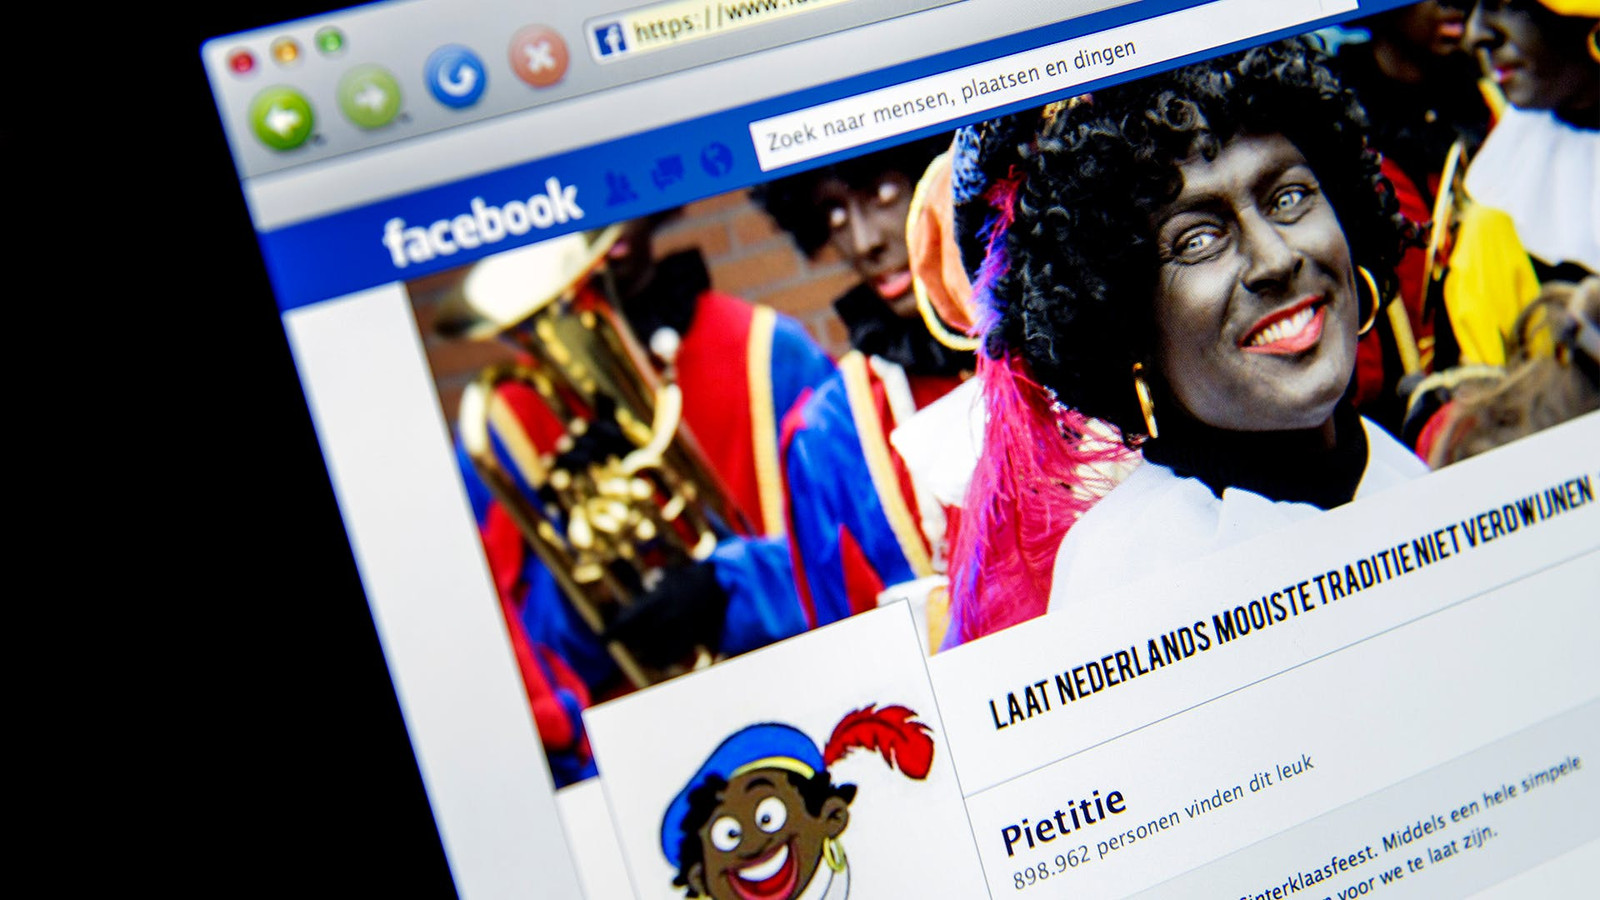 Facbook maakt korte metten met afbeeldingen van Zwarte Piet en blokkeert nog steeds accounts die hun vriendenbestand willen uitbreiden, zoals die van Democraten.Nu.